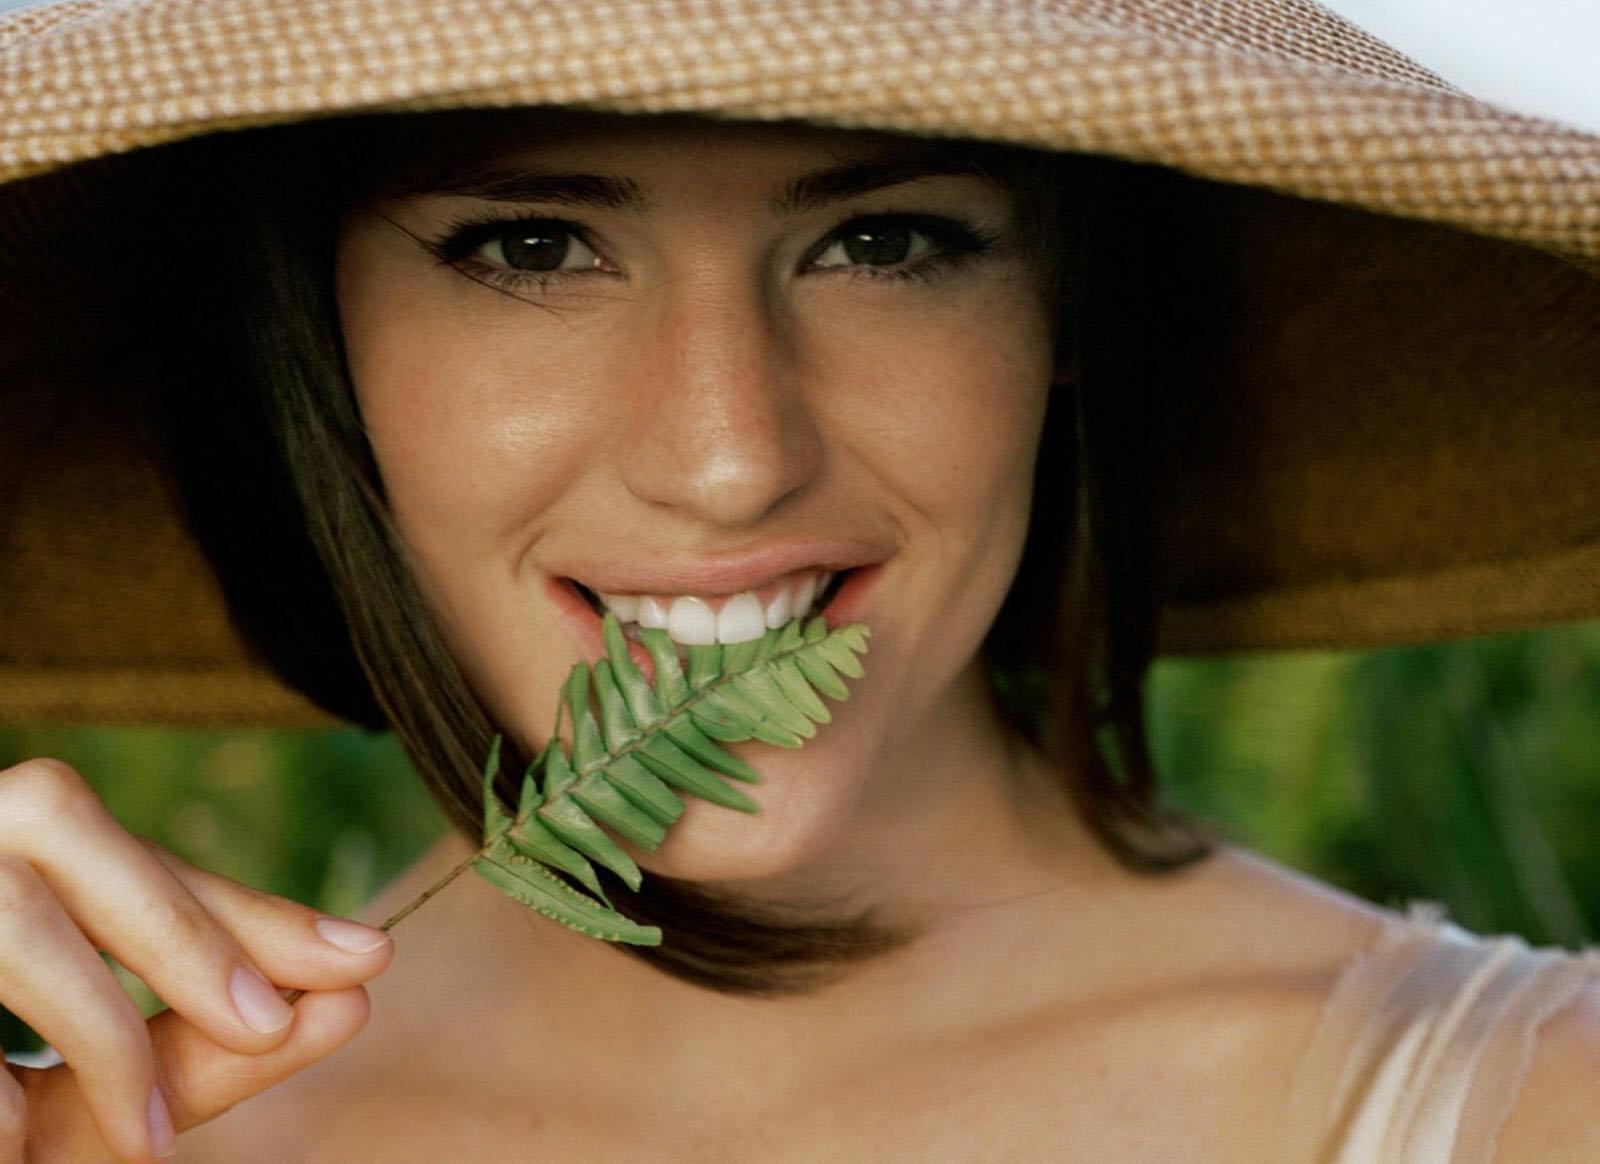 http://1.bp.blogspot.com/-W5e0I9xgr_E/TyupPOKVwJI/AAAAAAAABiQ/hPZ0P7IOGYE/s1600/Jennifer+Garner-0387.jpg